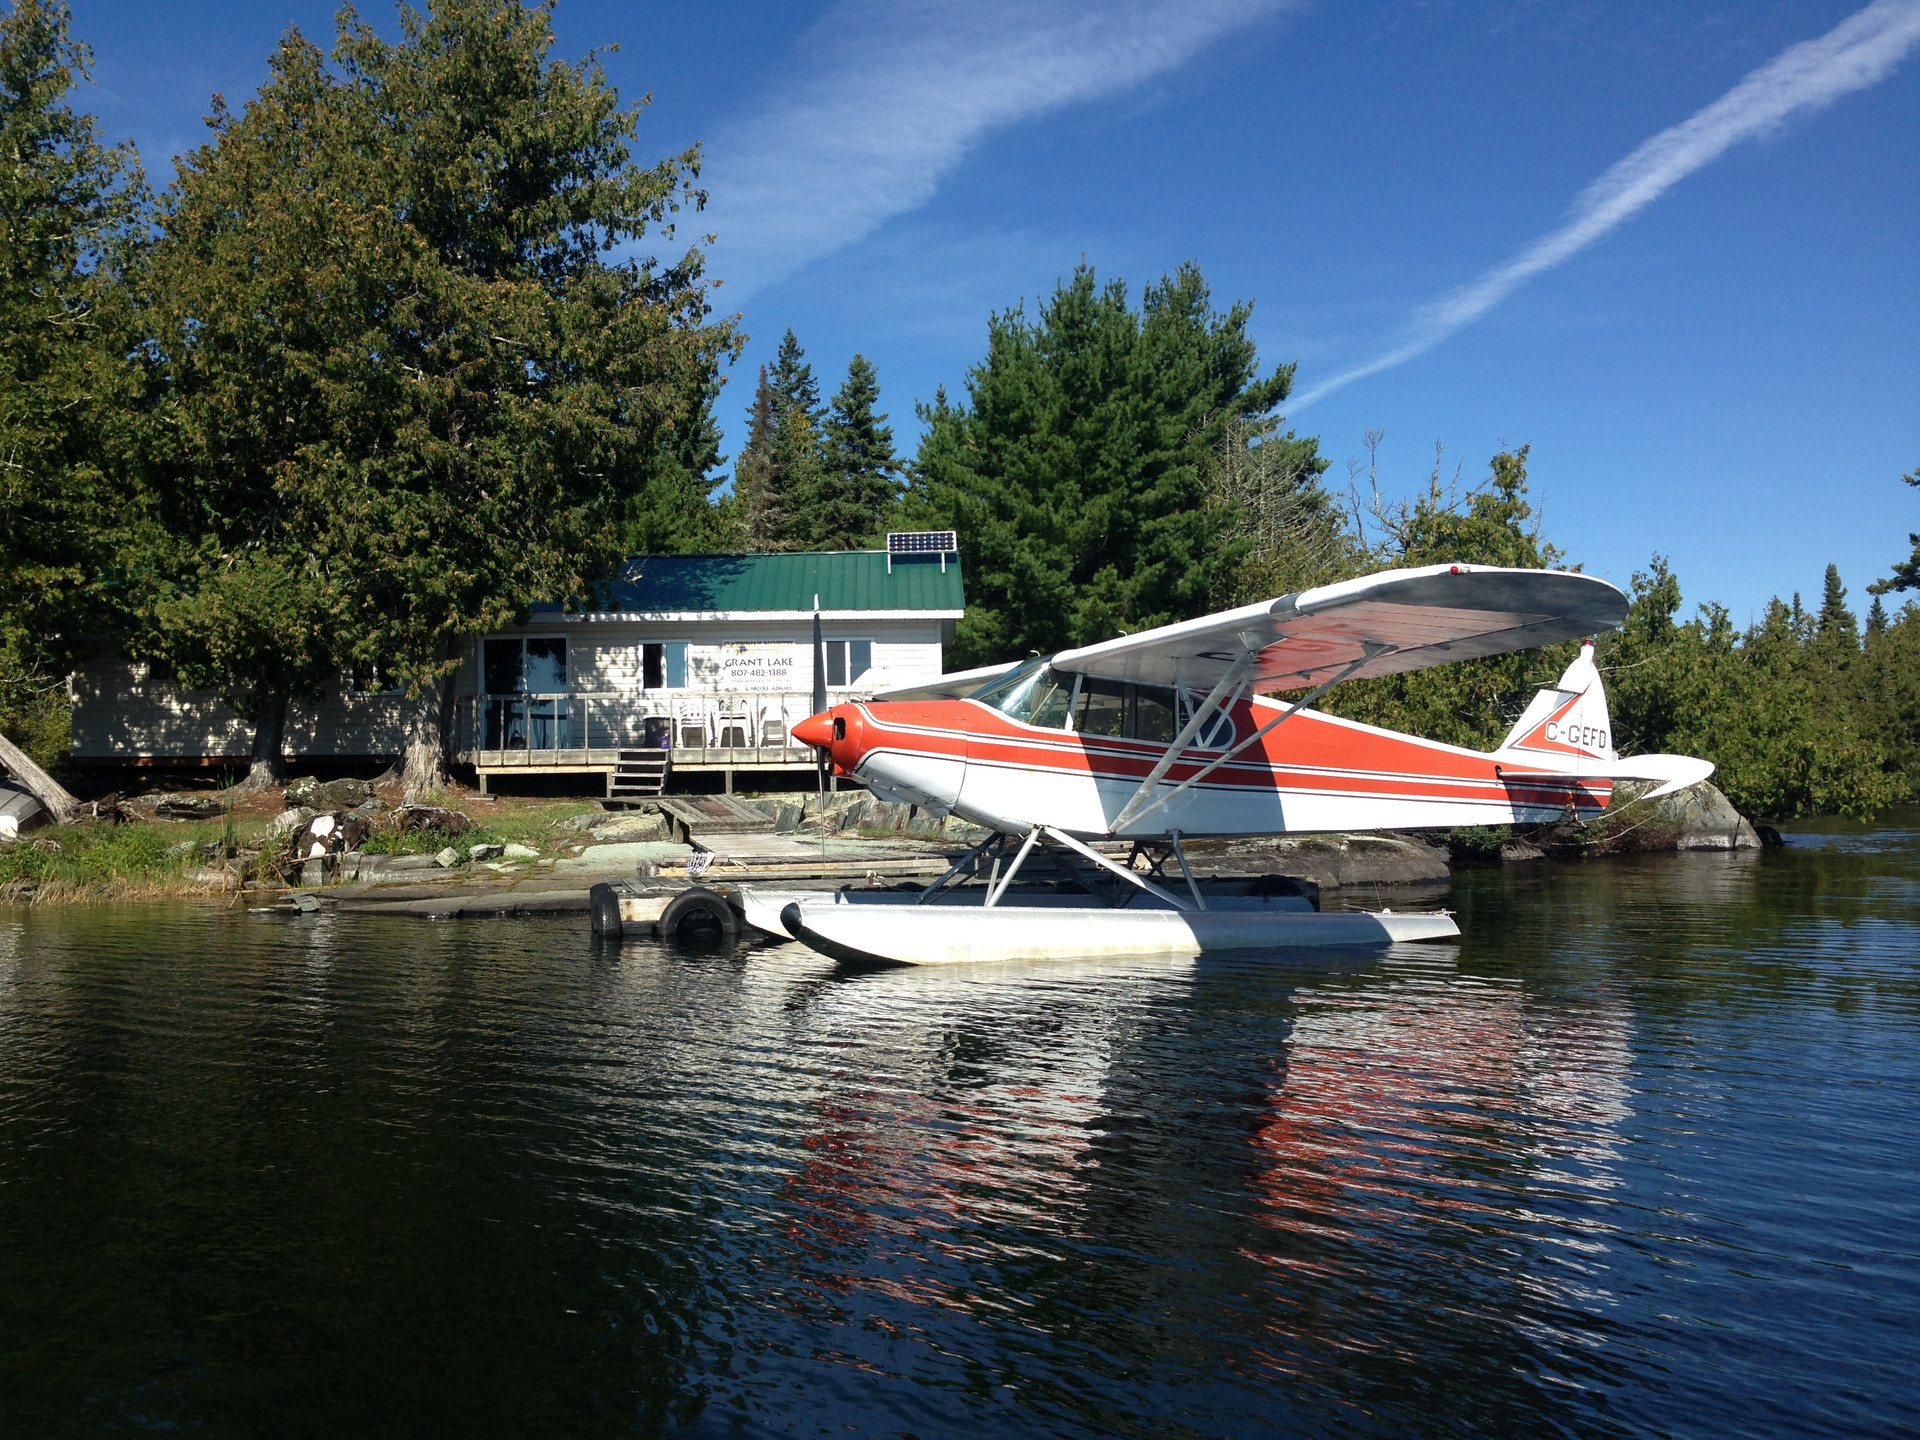 PA-12 floatplane